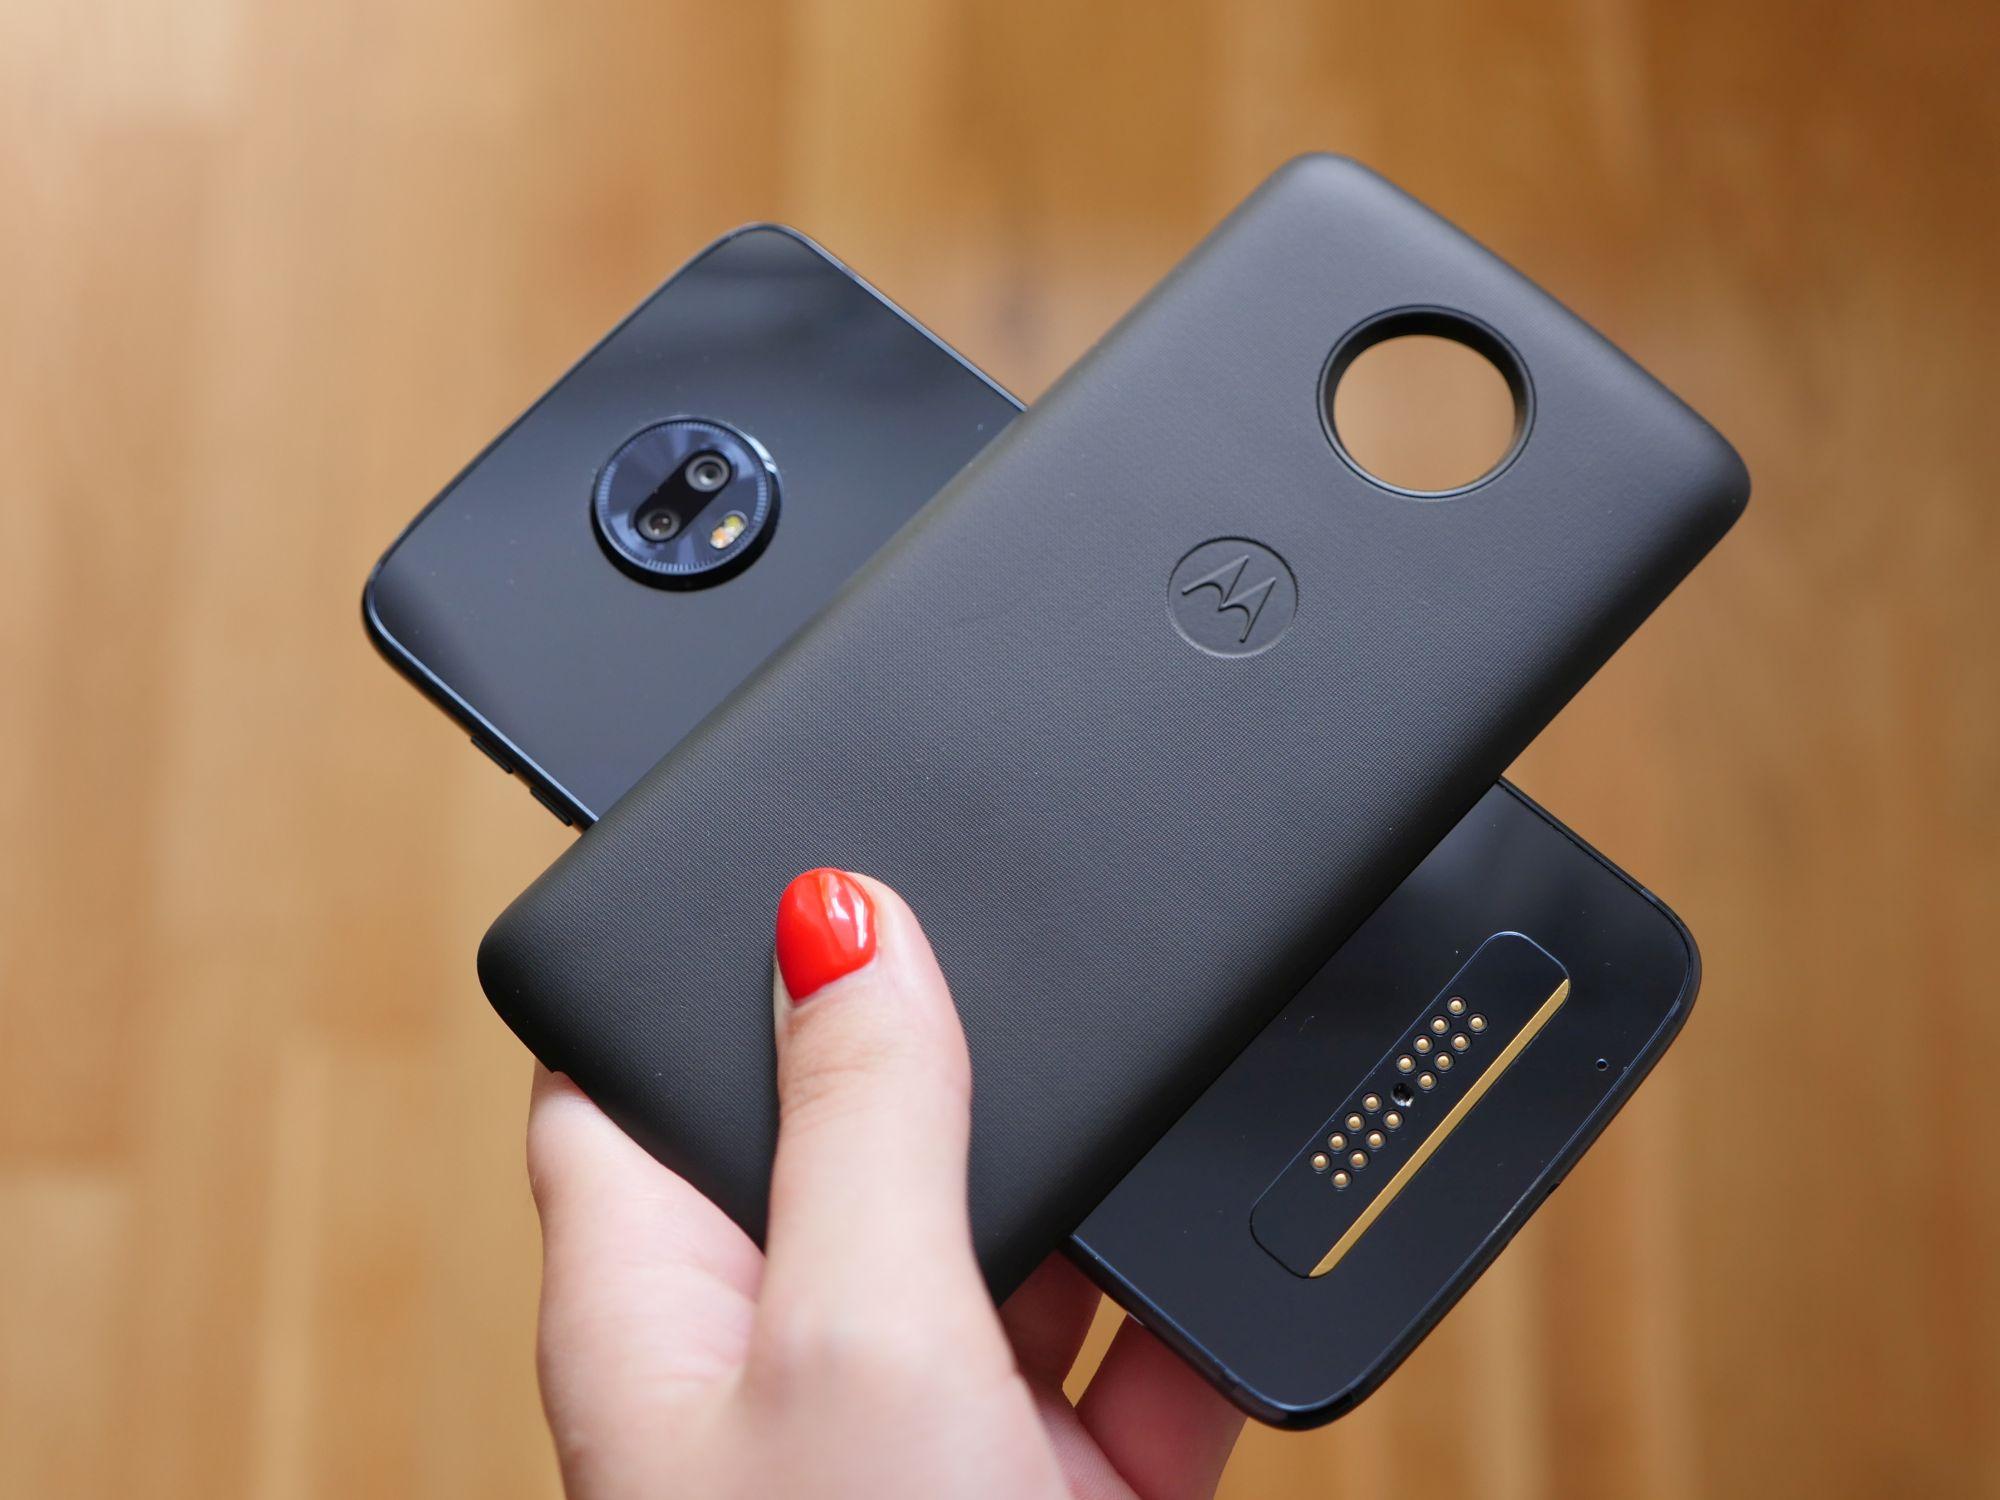 Recenzja Moto Z3 Play - jednego z wielu czy może jednak wyróżniającego się smartfona za dwa tysiące złotych? 27